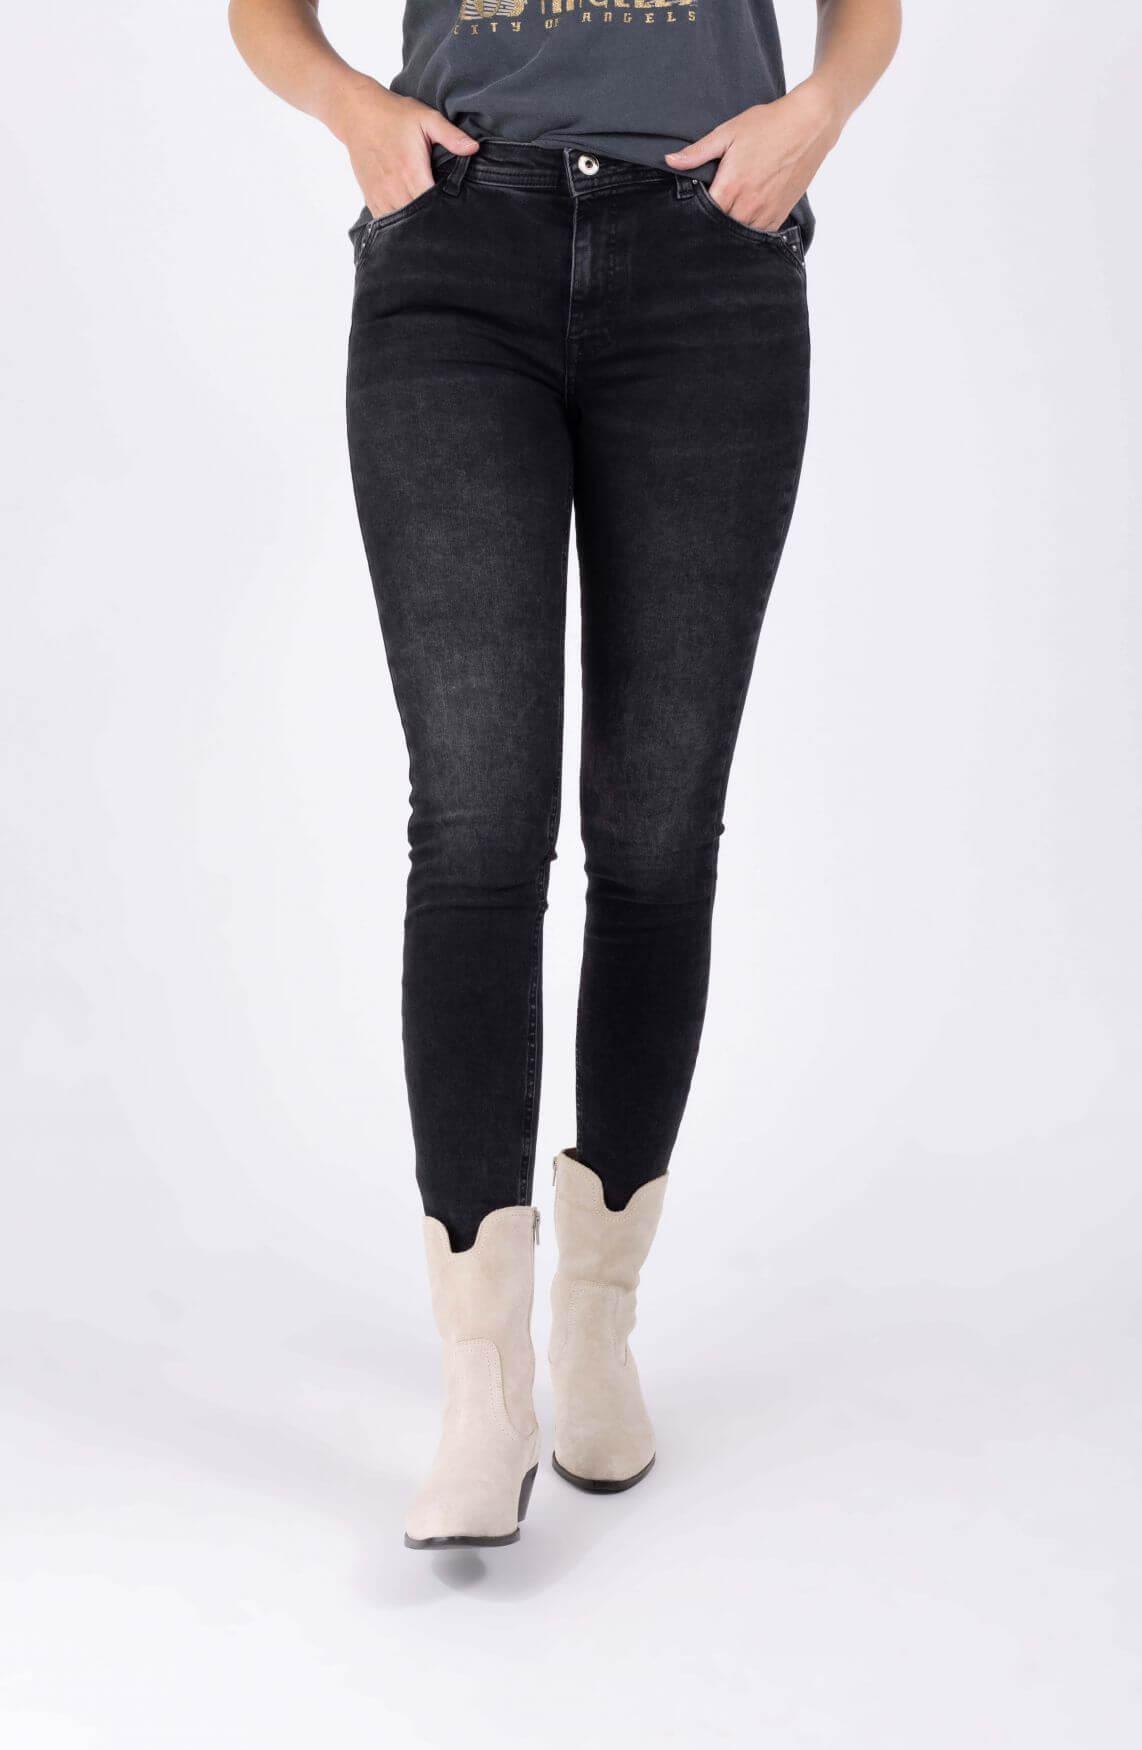 Geisha Dames Jeans met studs Grijs